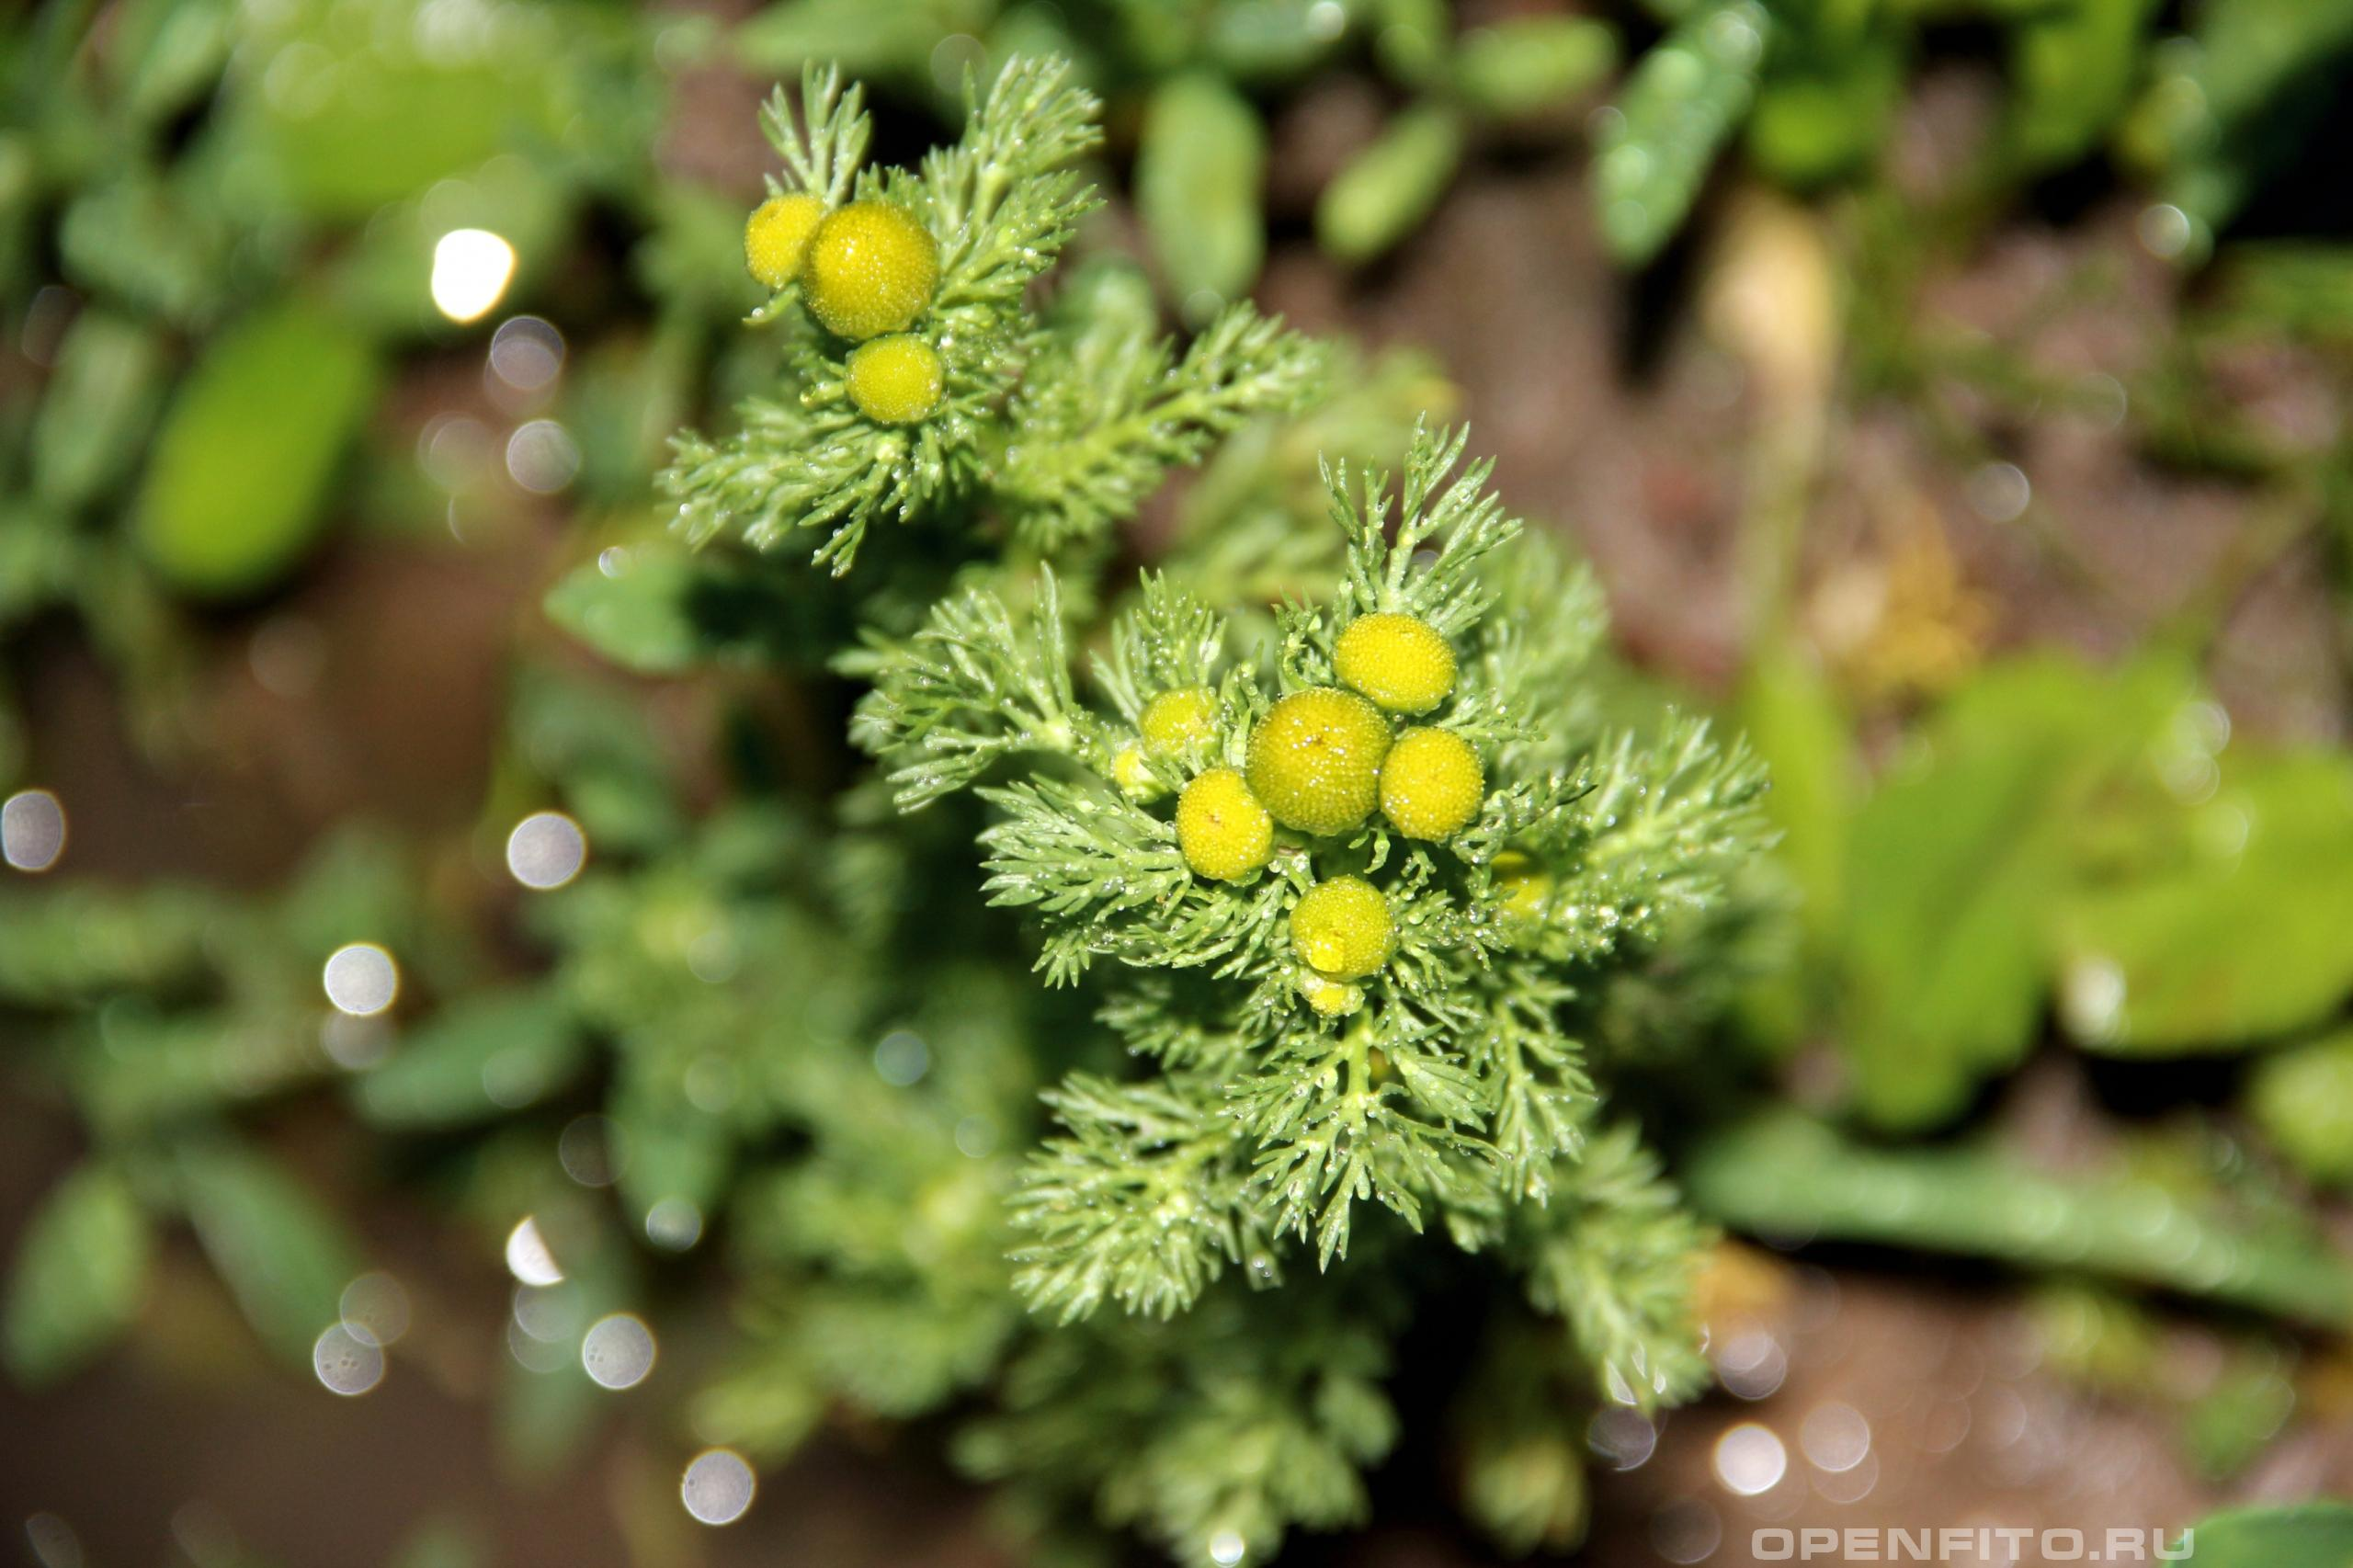 Ромашка пахучая лекарственная ромашка с цветками без лепестков